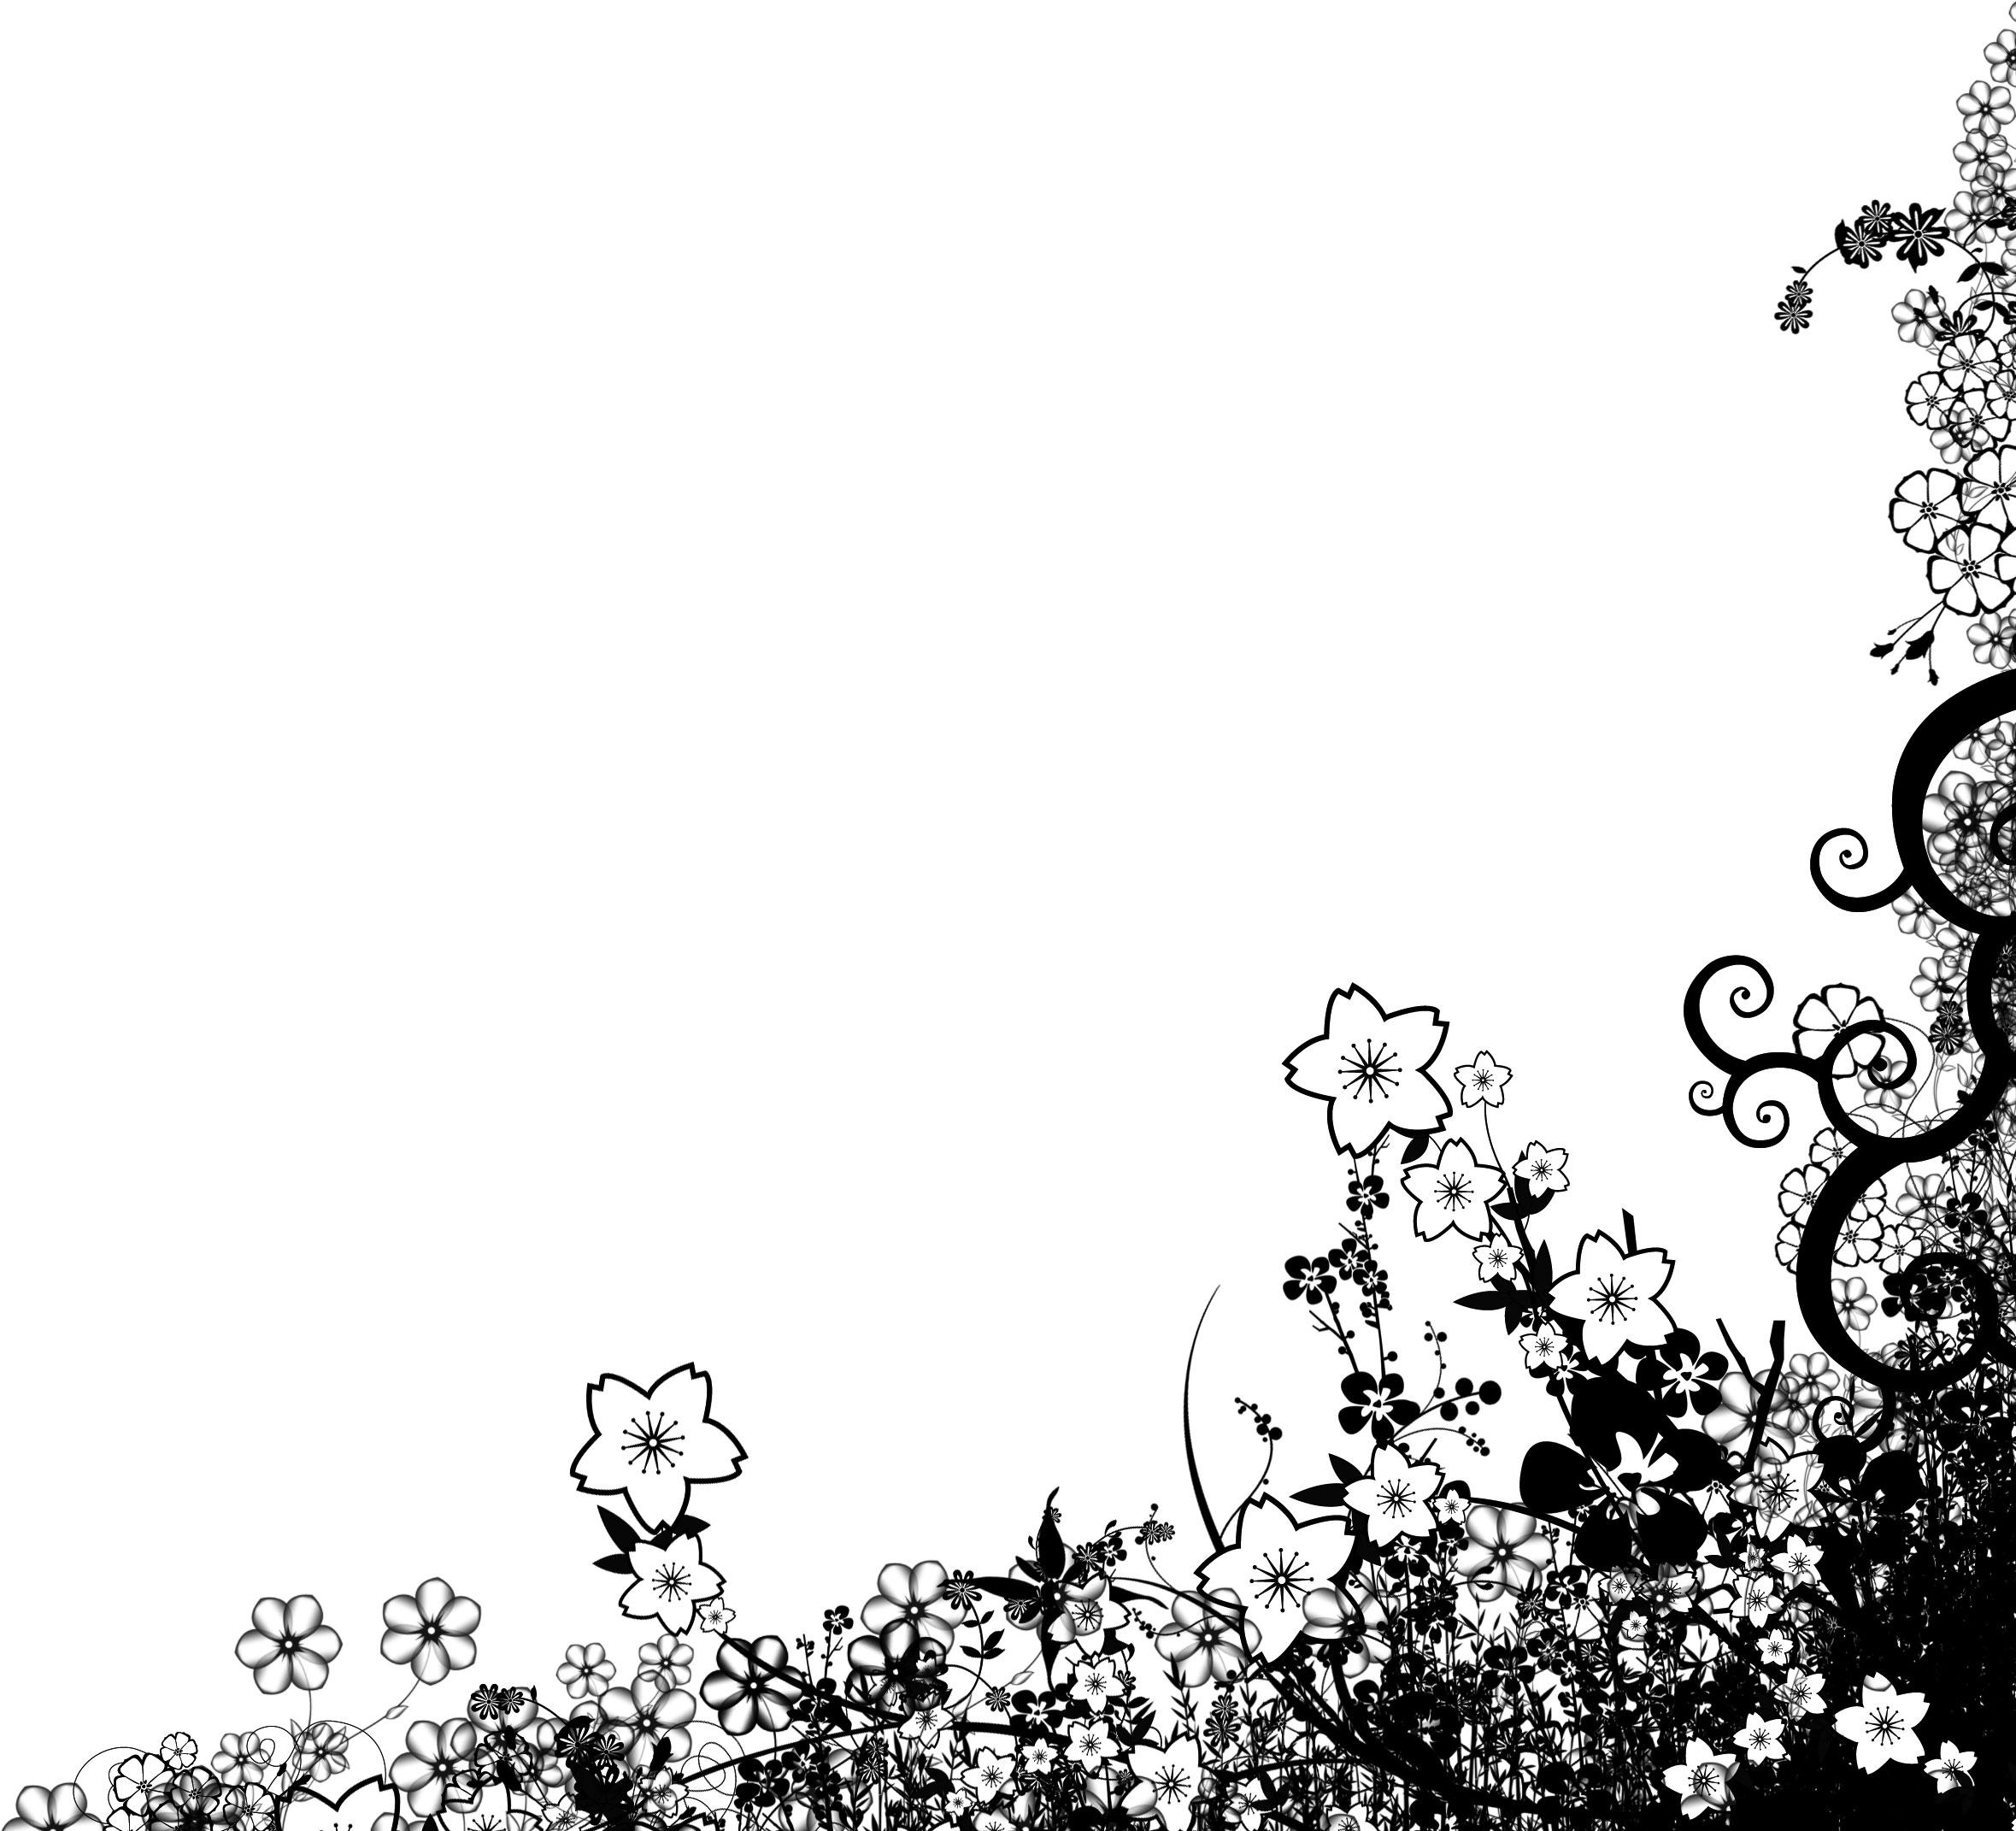 花のイラスト・画像・フリー素材 『白黒・モノクロ・シルエット』